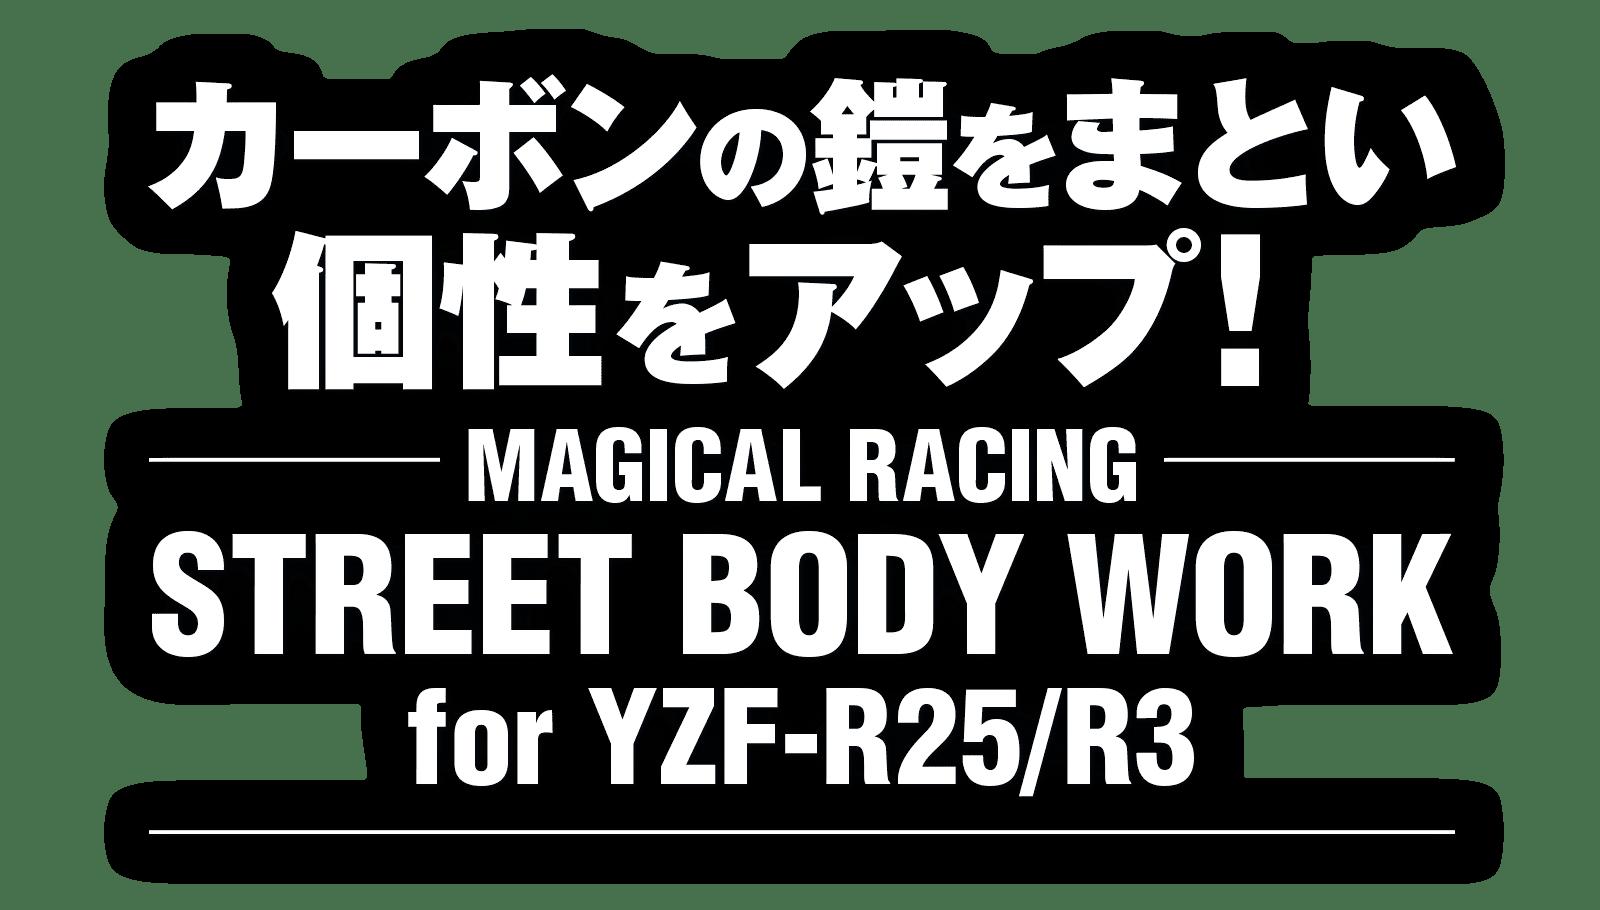 """カーボンの鎧をまとい個性をアップ!""""マジカルレーシング ストリートボディワーク for YZF-R25/3"""""""